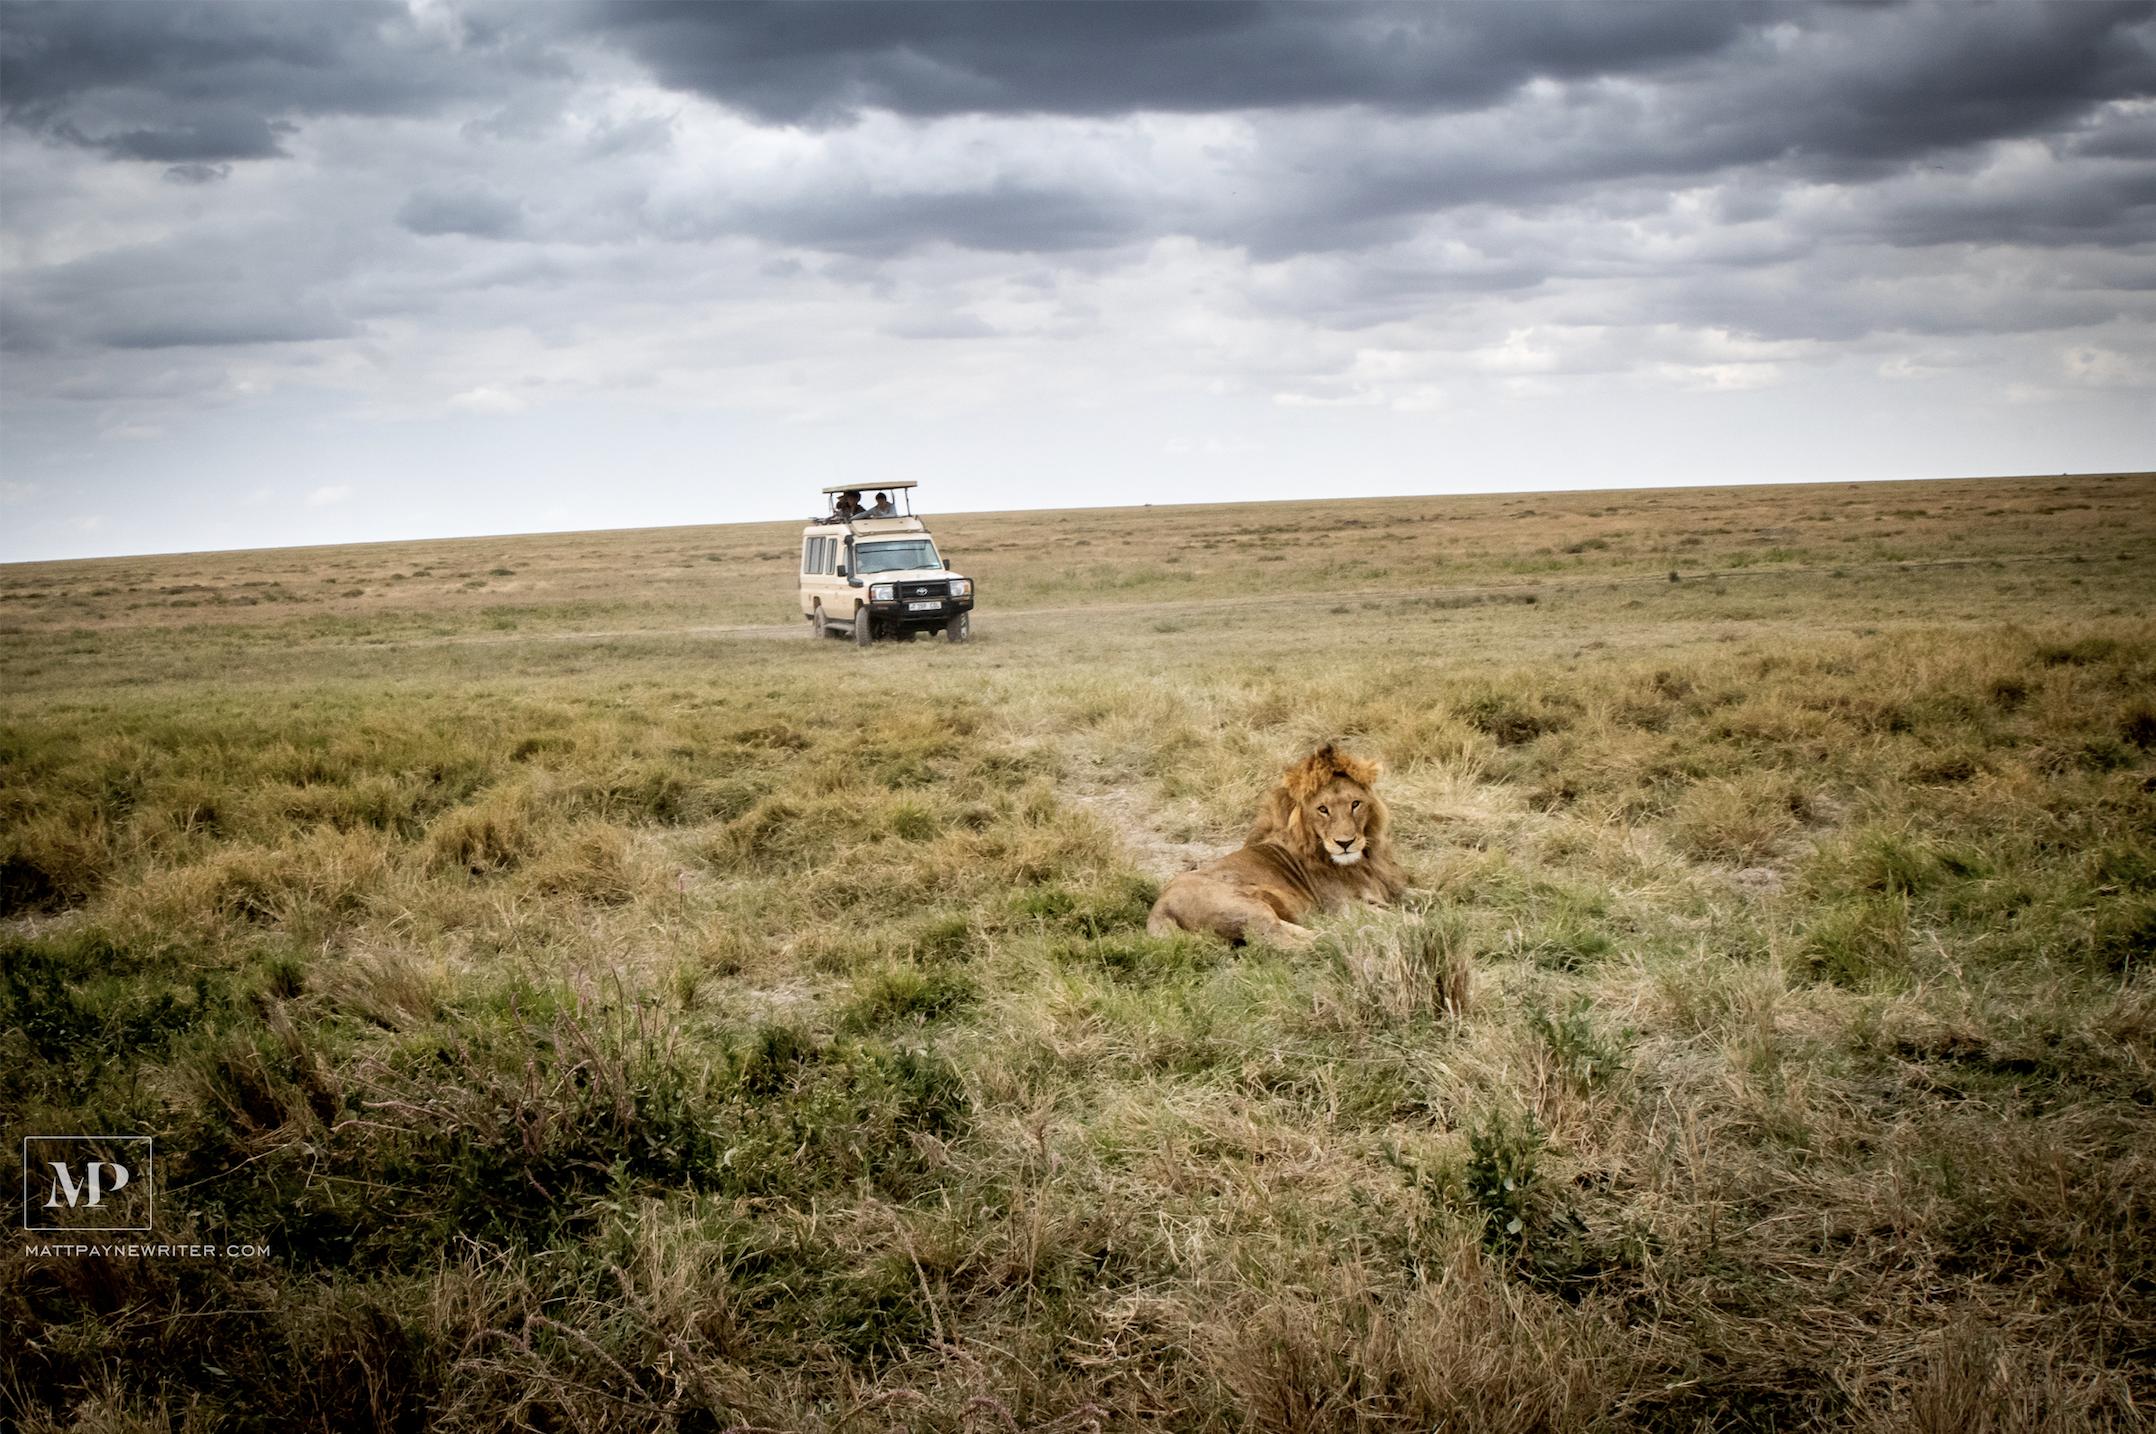 A Lion Waits